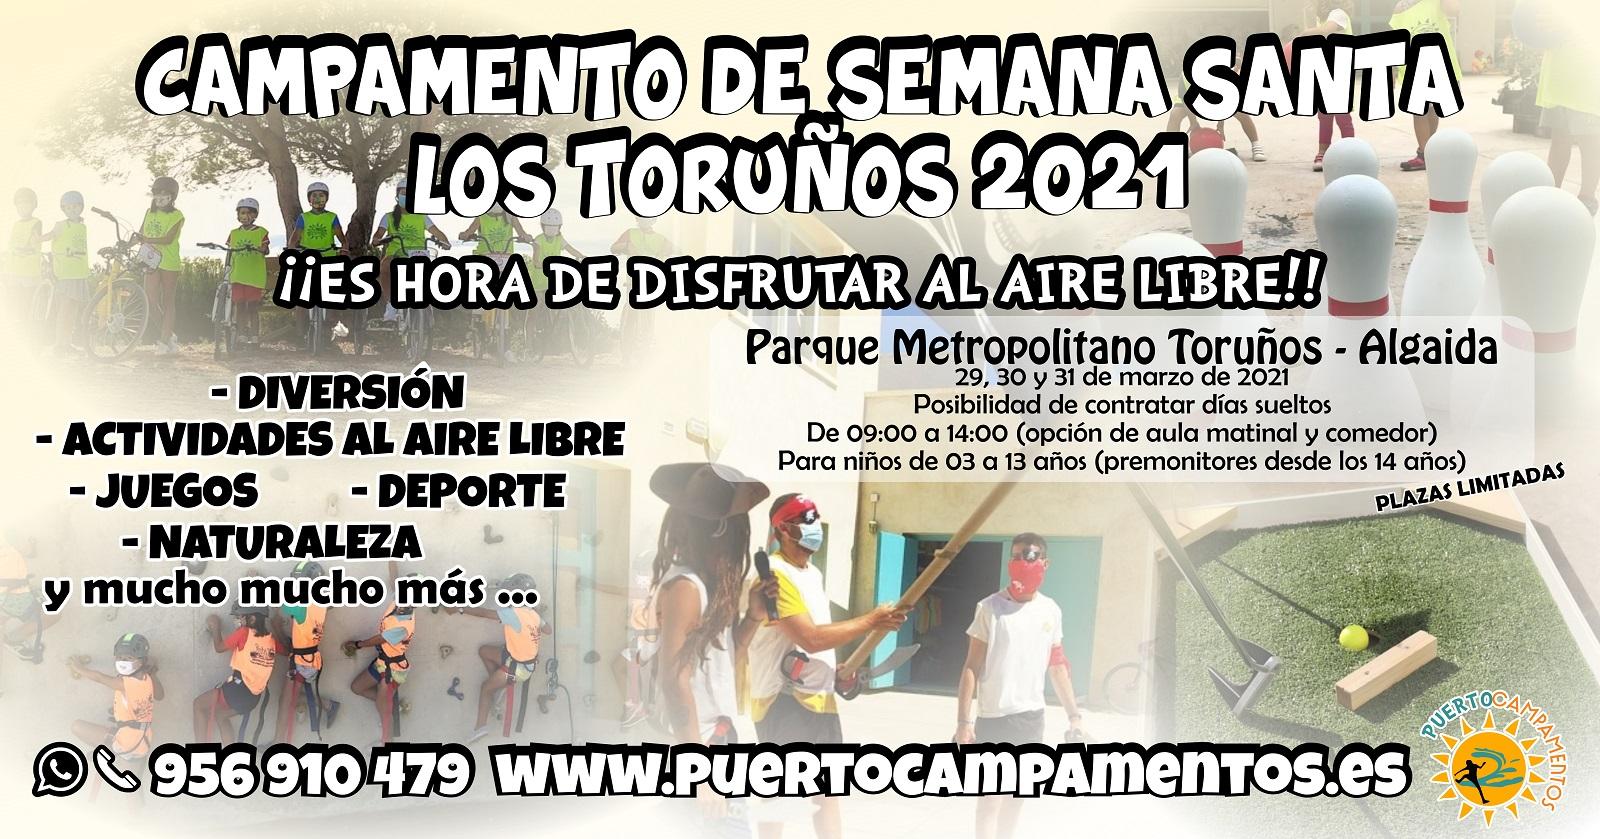 Campamento de semana santa 2021